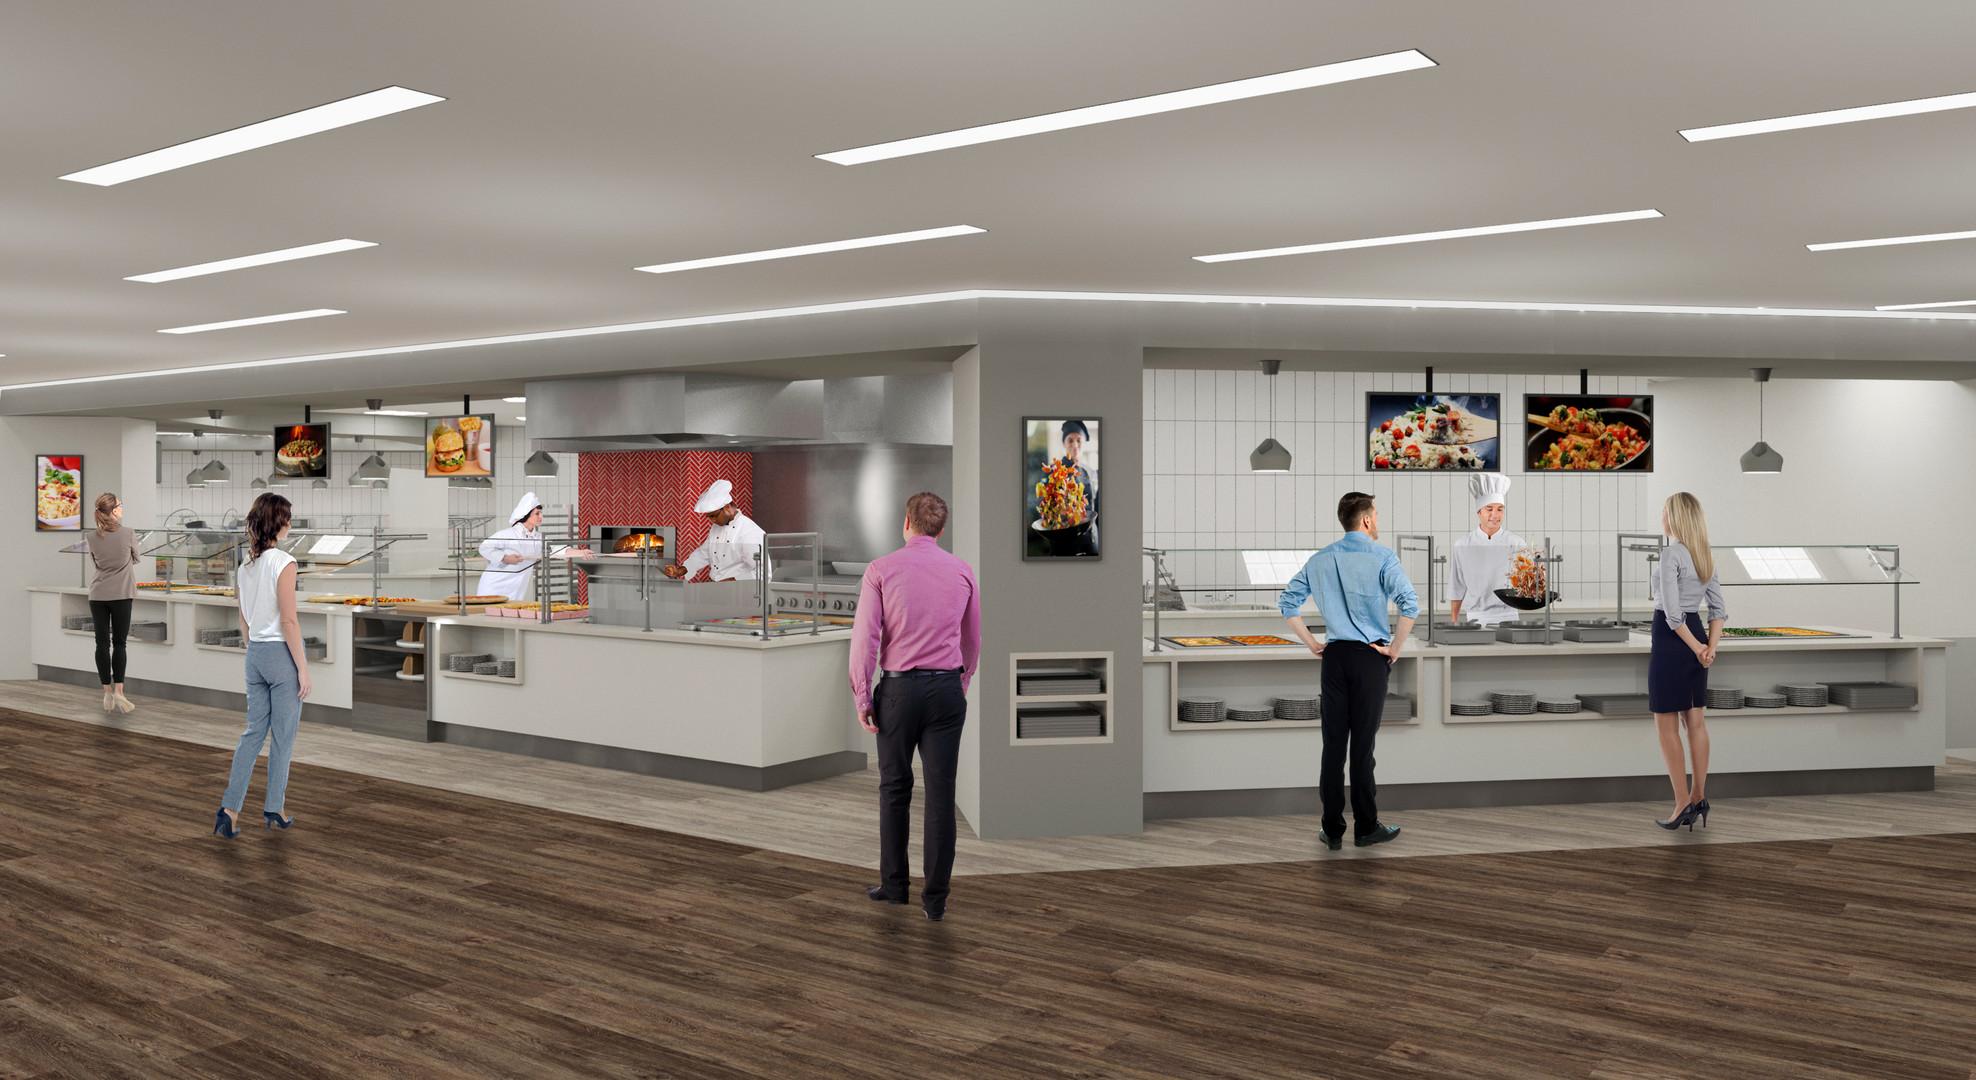 Payroll Company Cafe